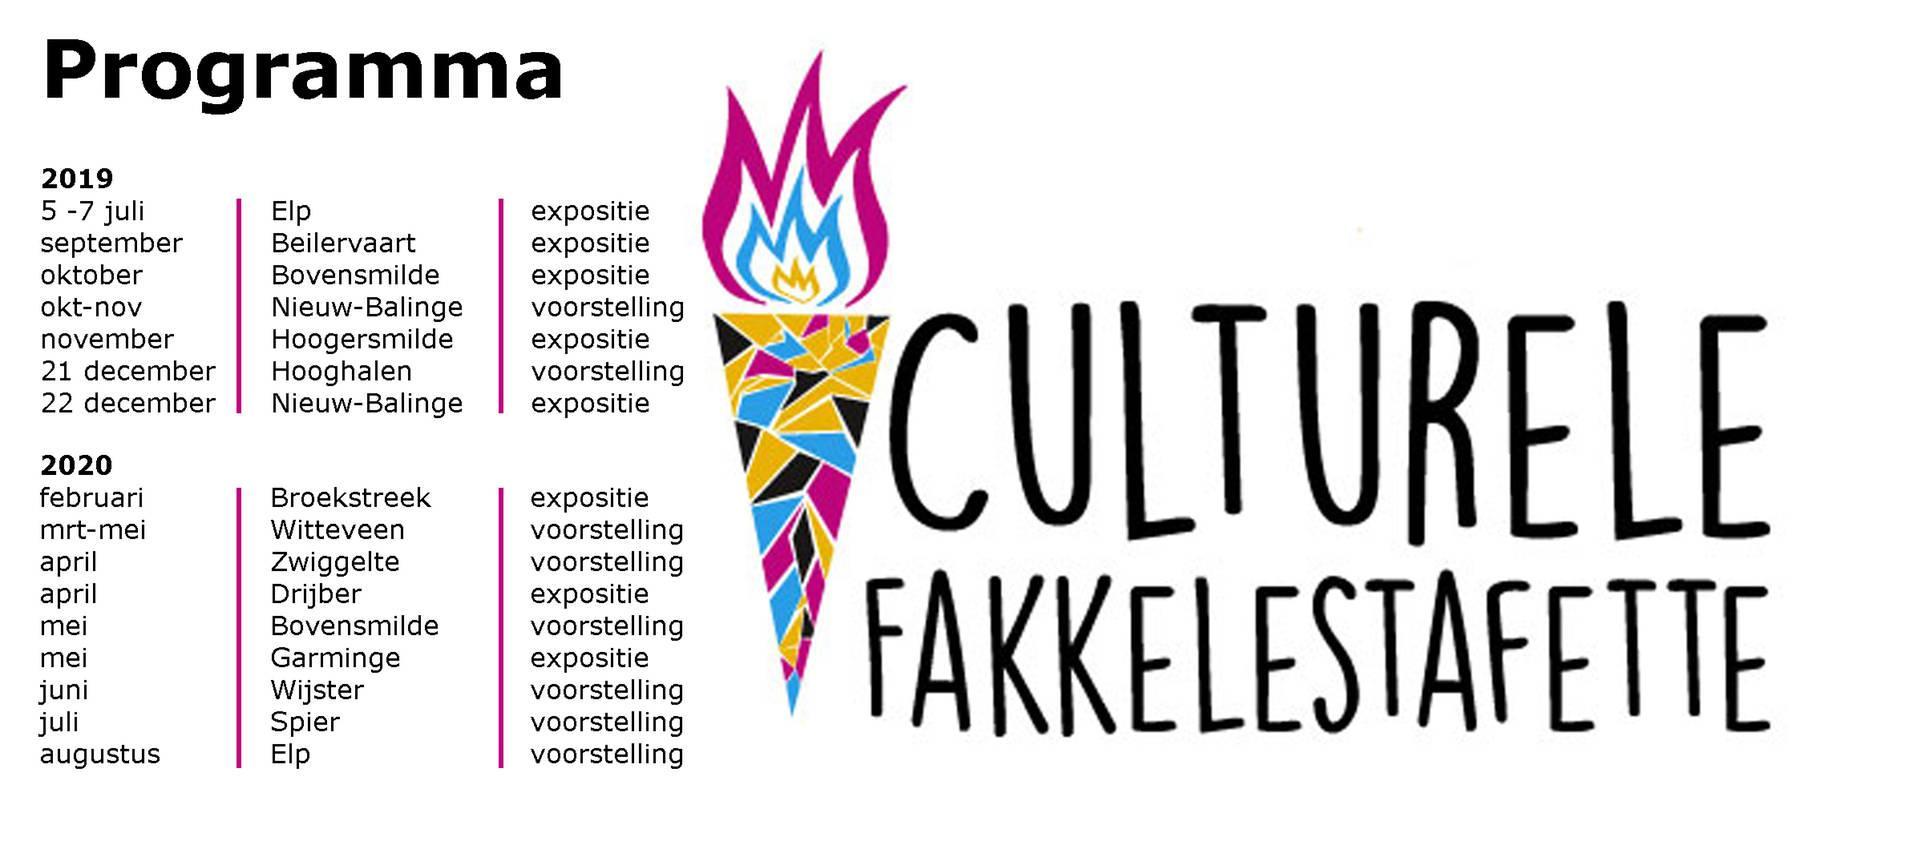 De Culturele Fakkel gaat naar...